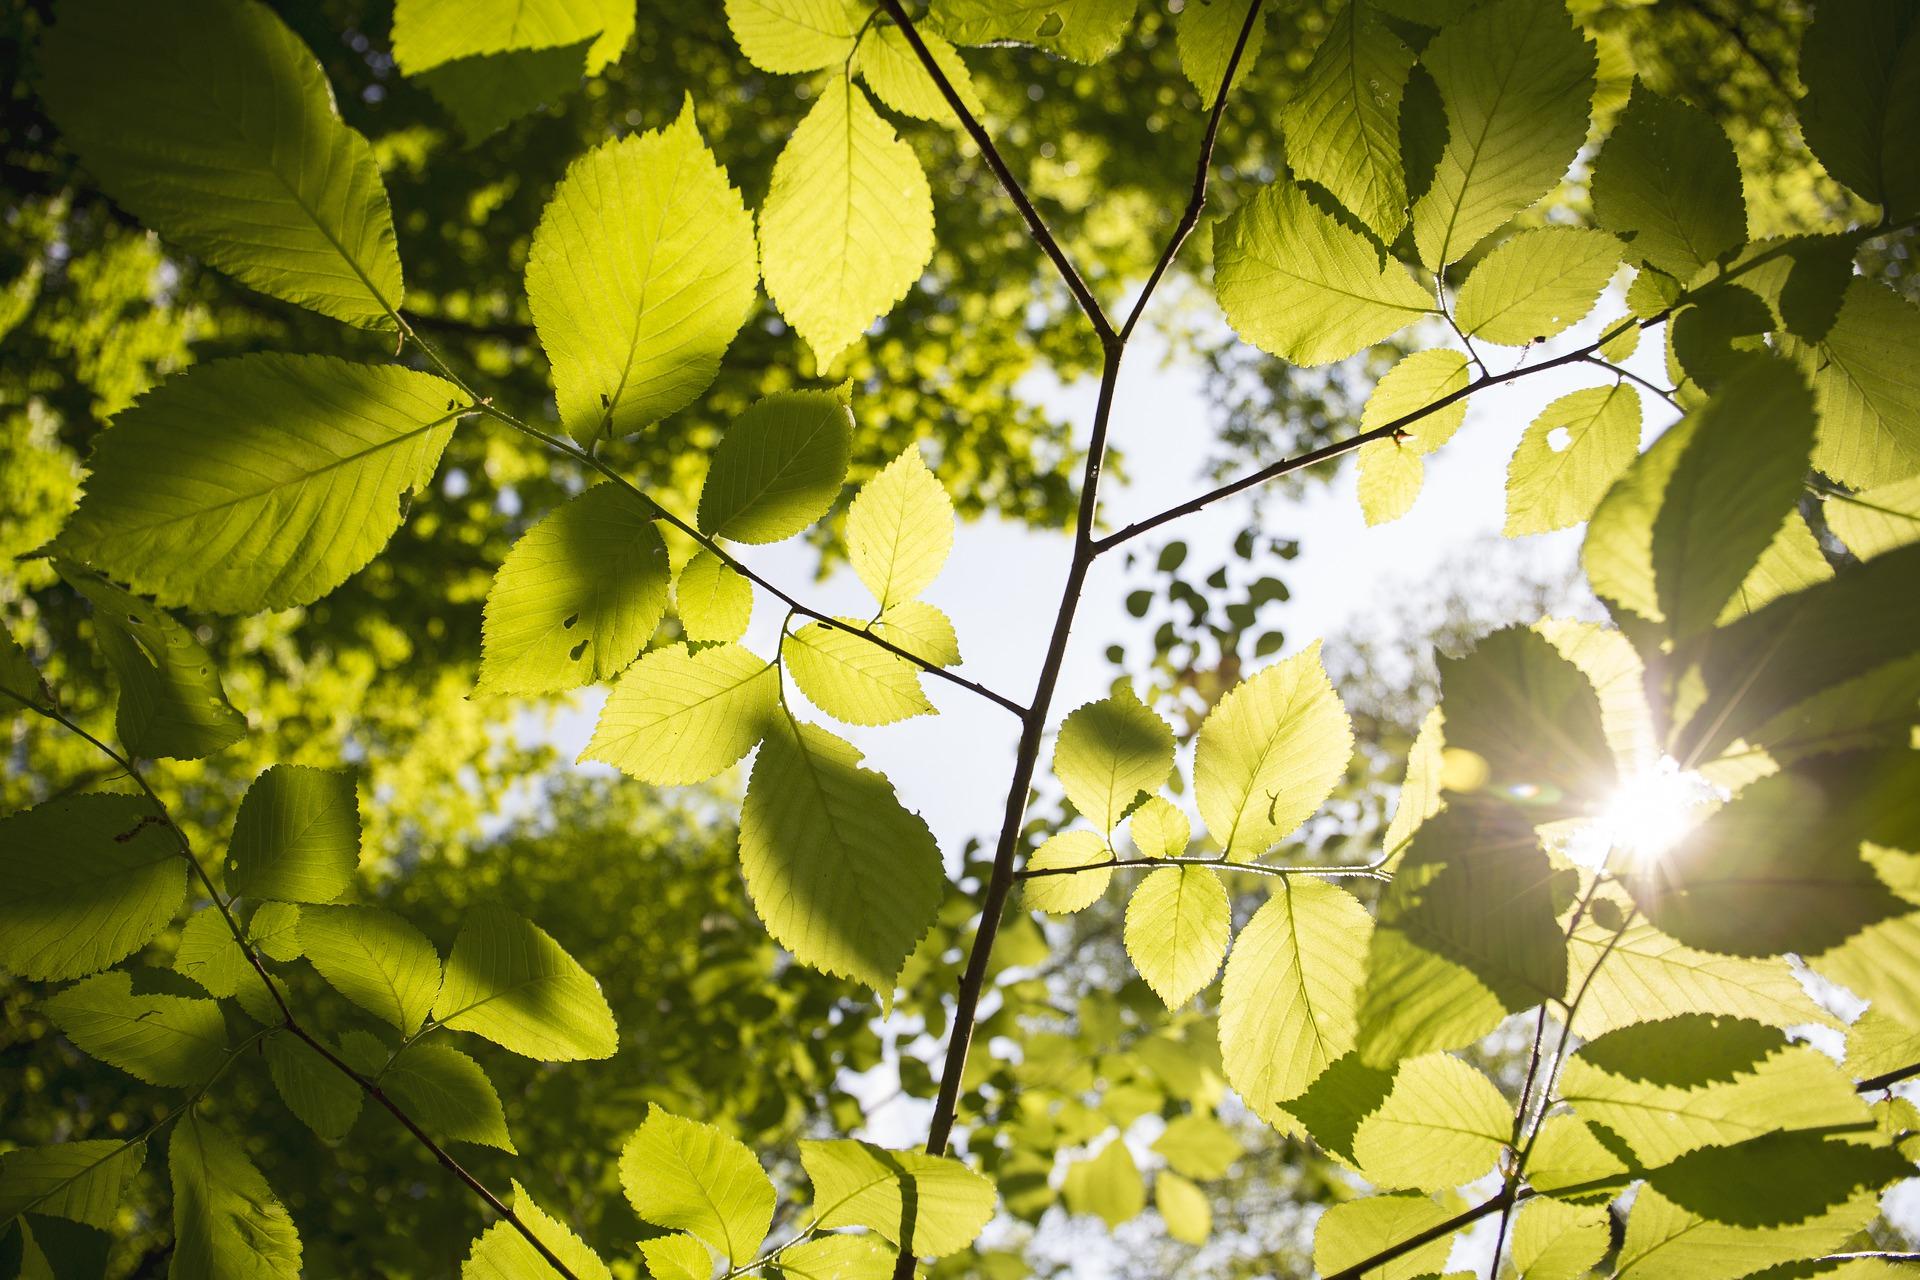 leaves-3089991_1920